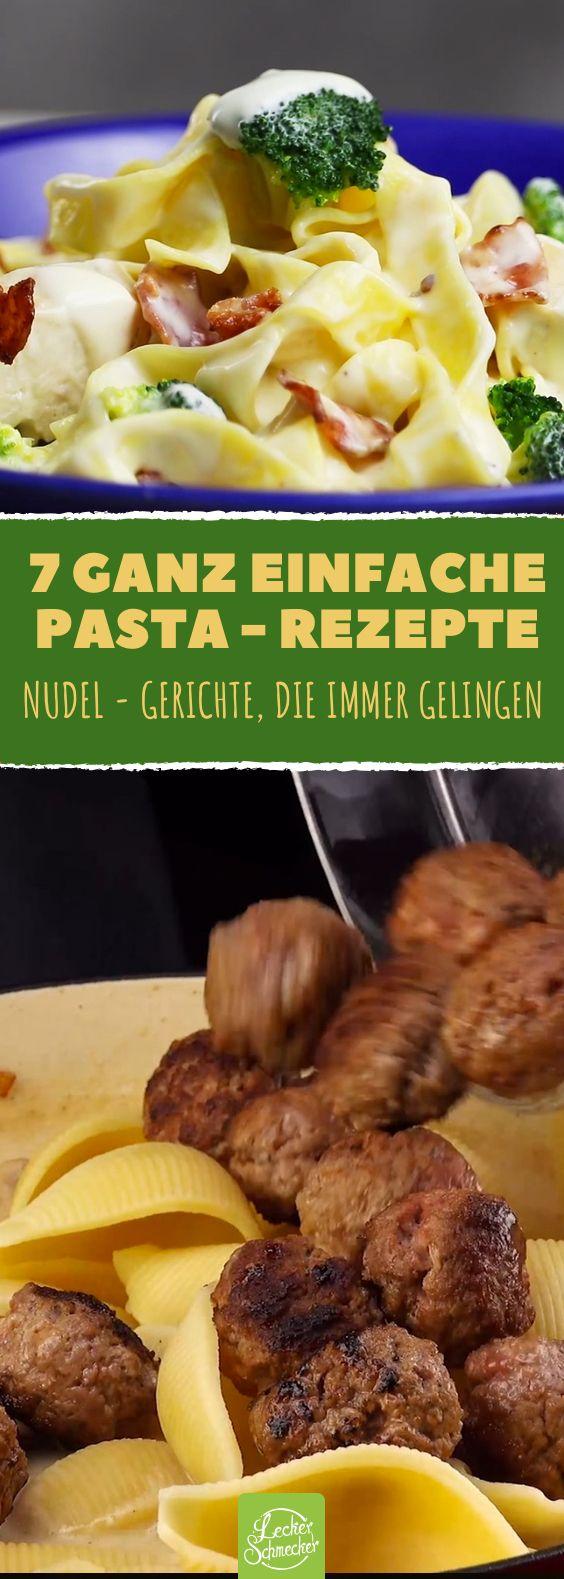 7 wahnsinnig leckere Varianten für die Königin der italienischen Küche: Pasta! #rezept #rezepte #nudeln #gemüse #hühnchen #lachs #tomate